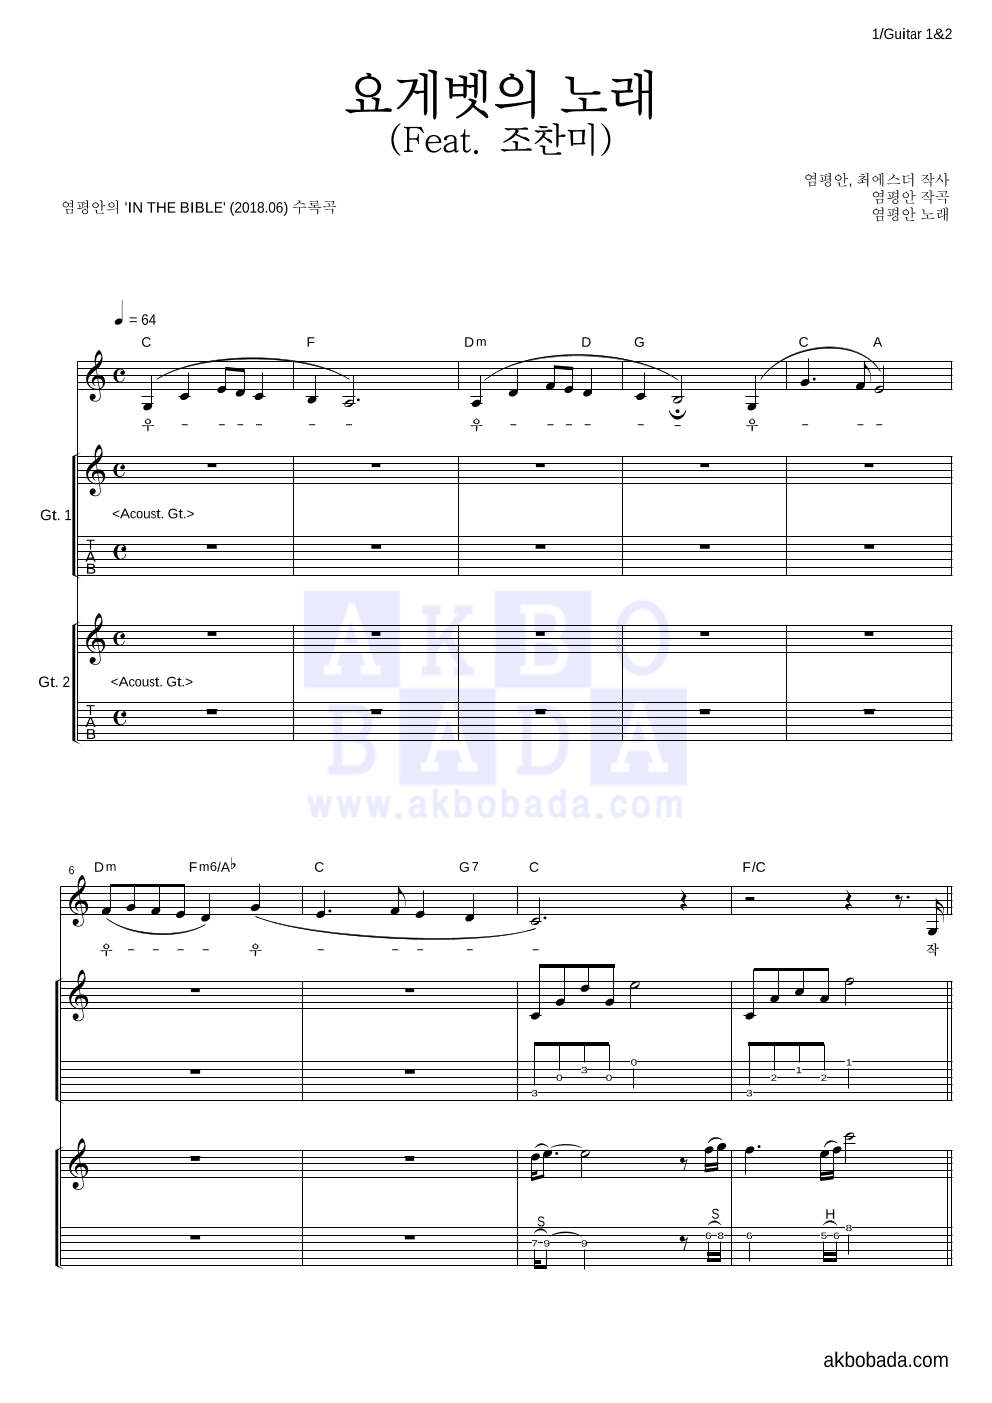 염평안 - 요게벳의 노래 (Feat. 조찬미) 기타1,2 악보